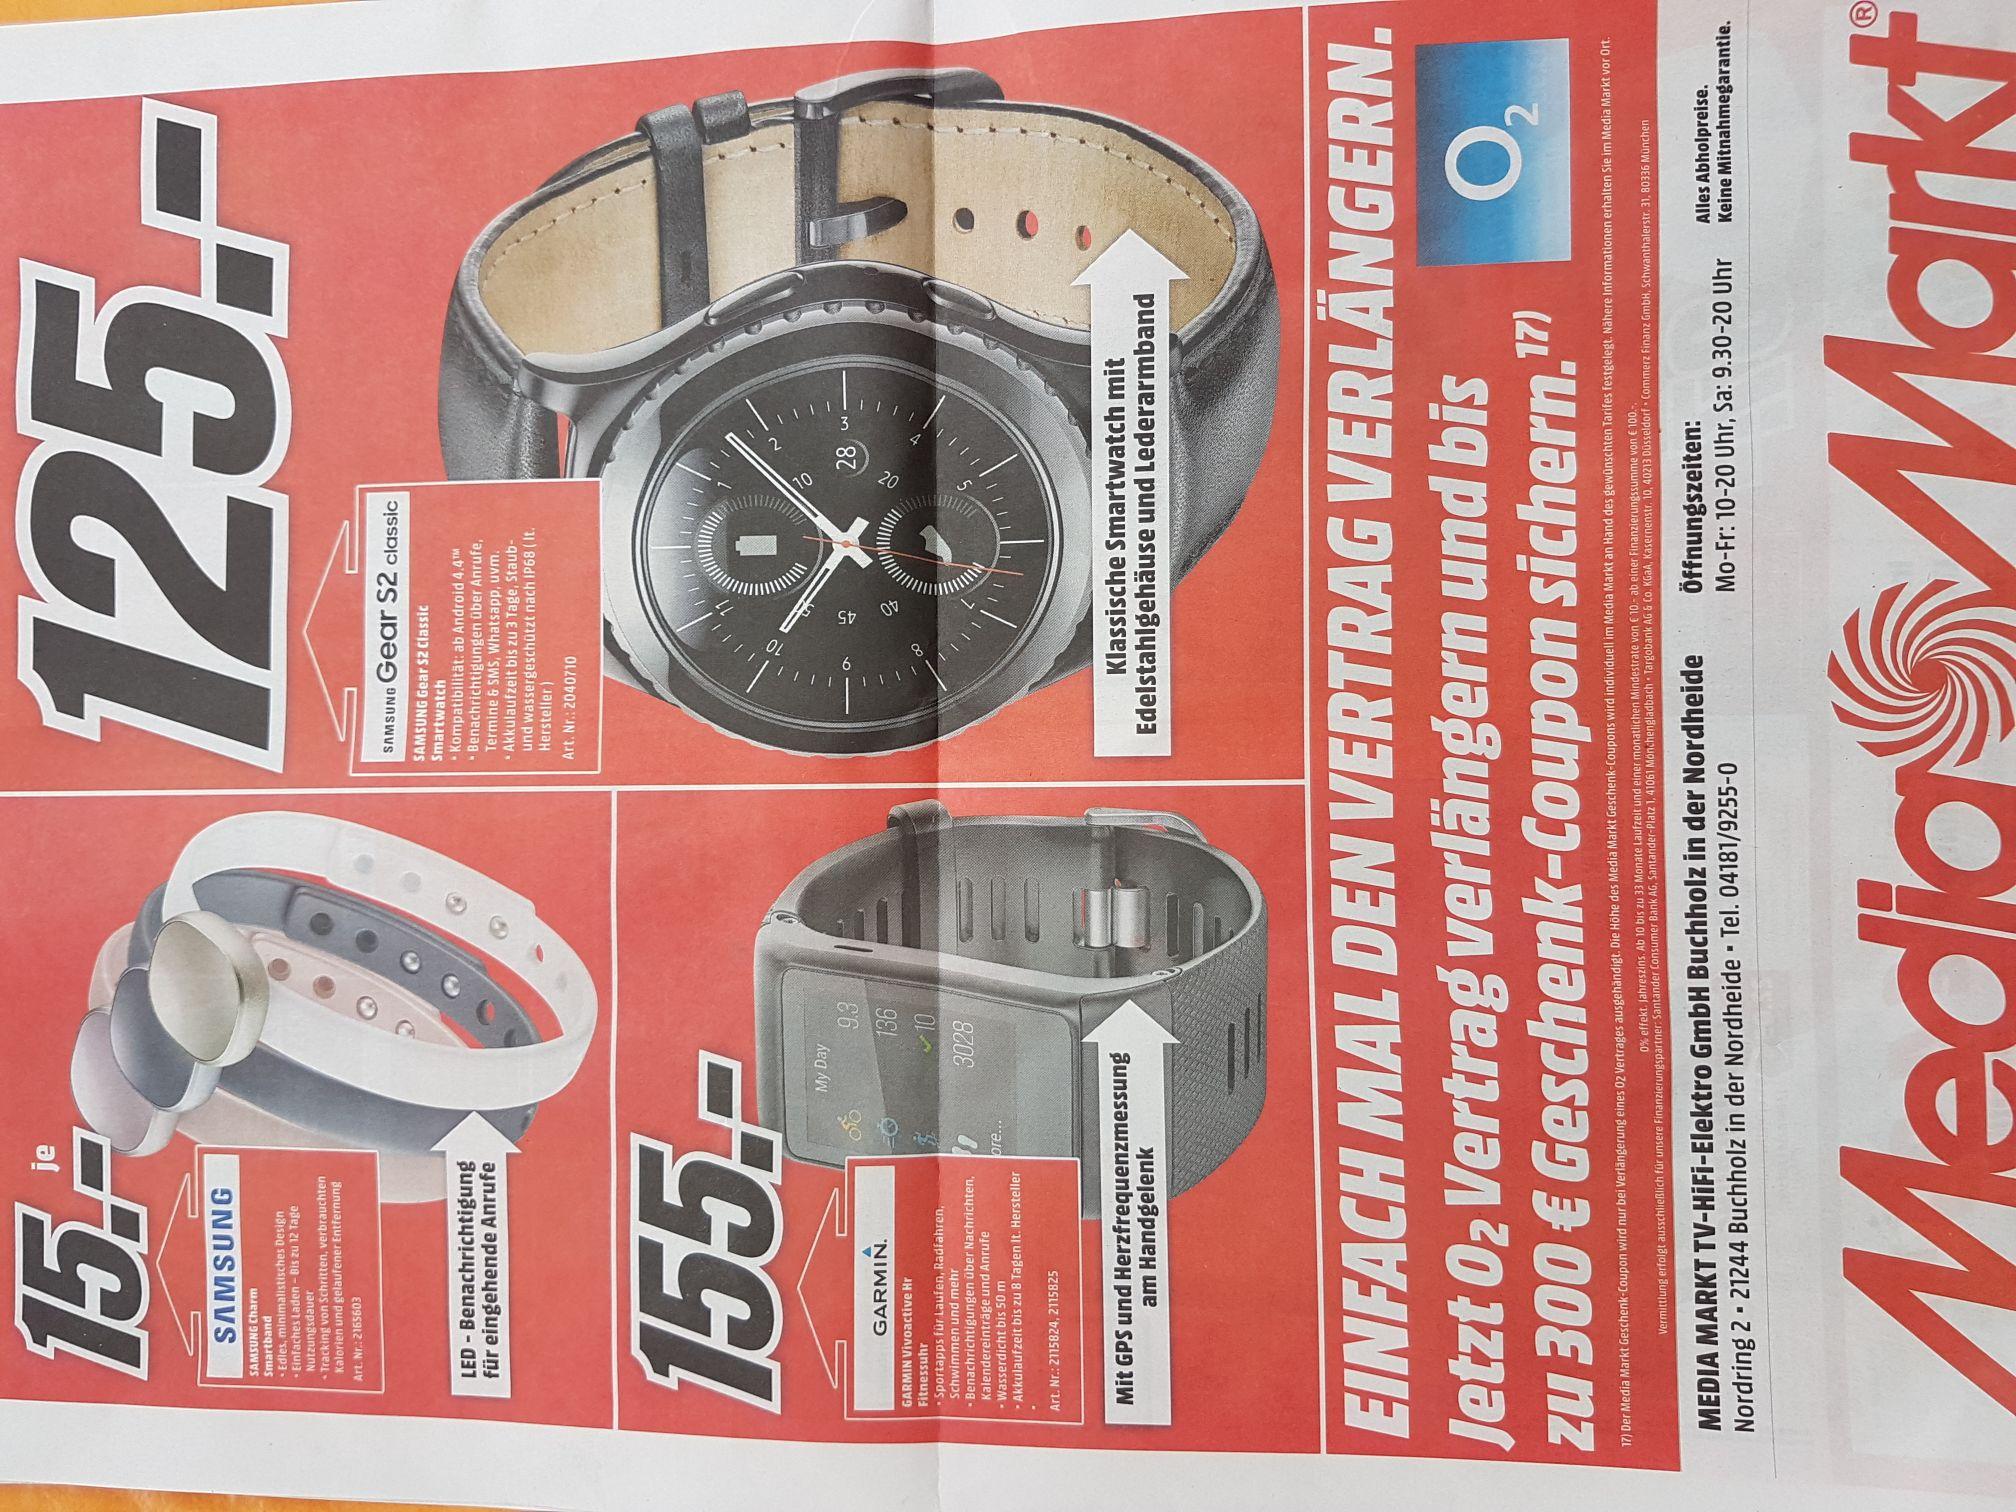 [Lokal Buchholz Media Markt] Samsung Gear S2 classic Black für 125€ und Garmin Vivoactive hr für 155€